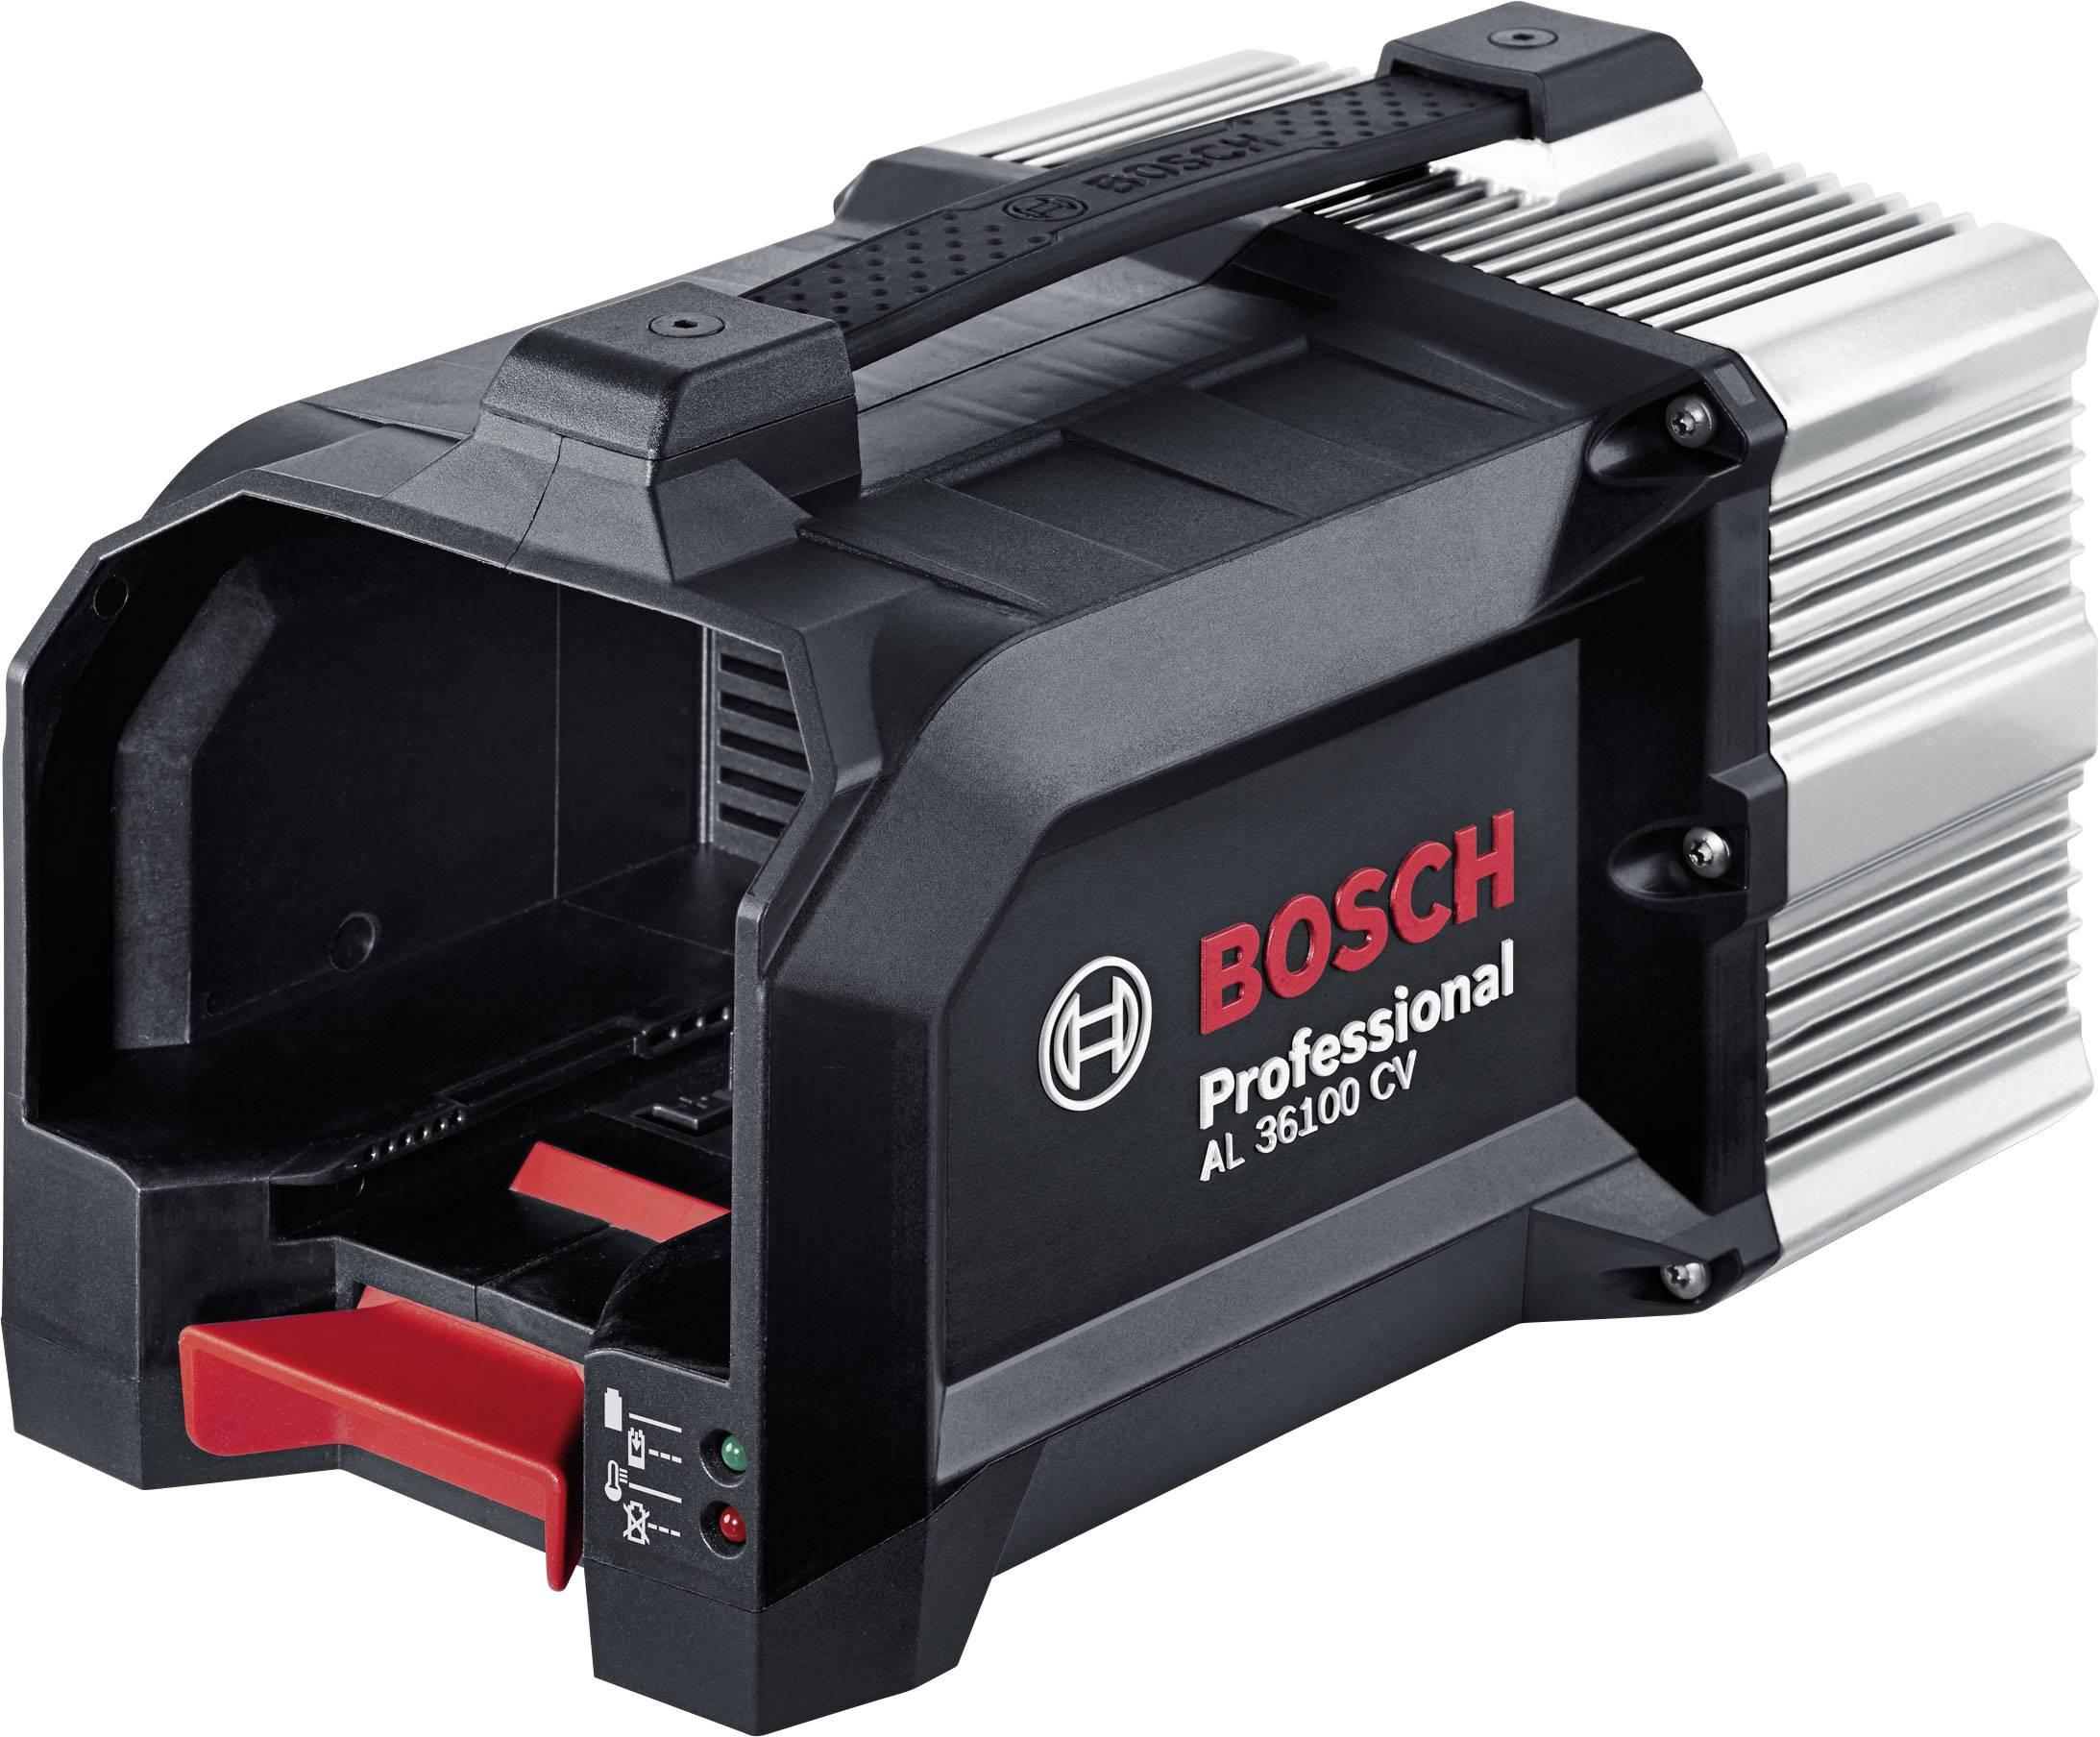 Bosch Professional Ladegerät AL 36100 CV 2607225839